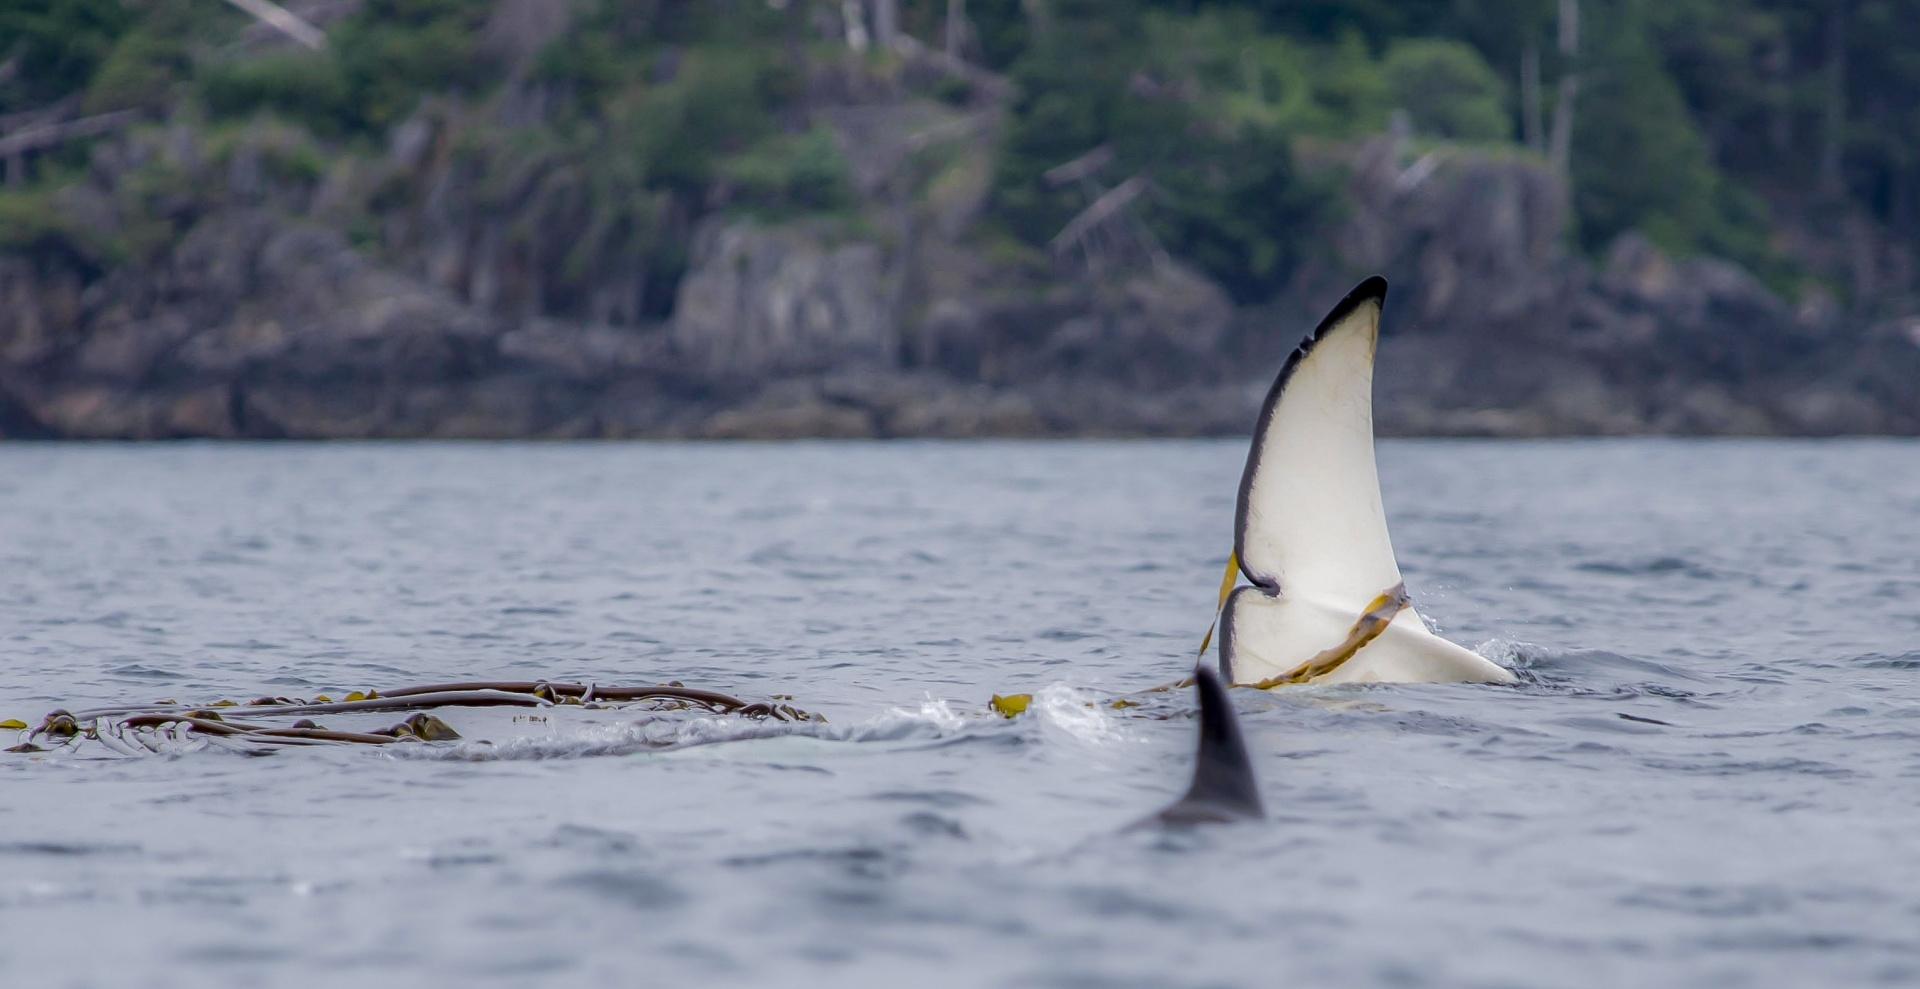 Orca Spiel im Kelb - Canada